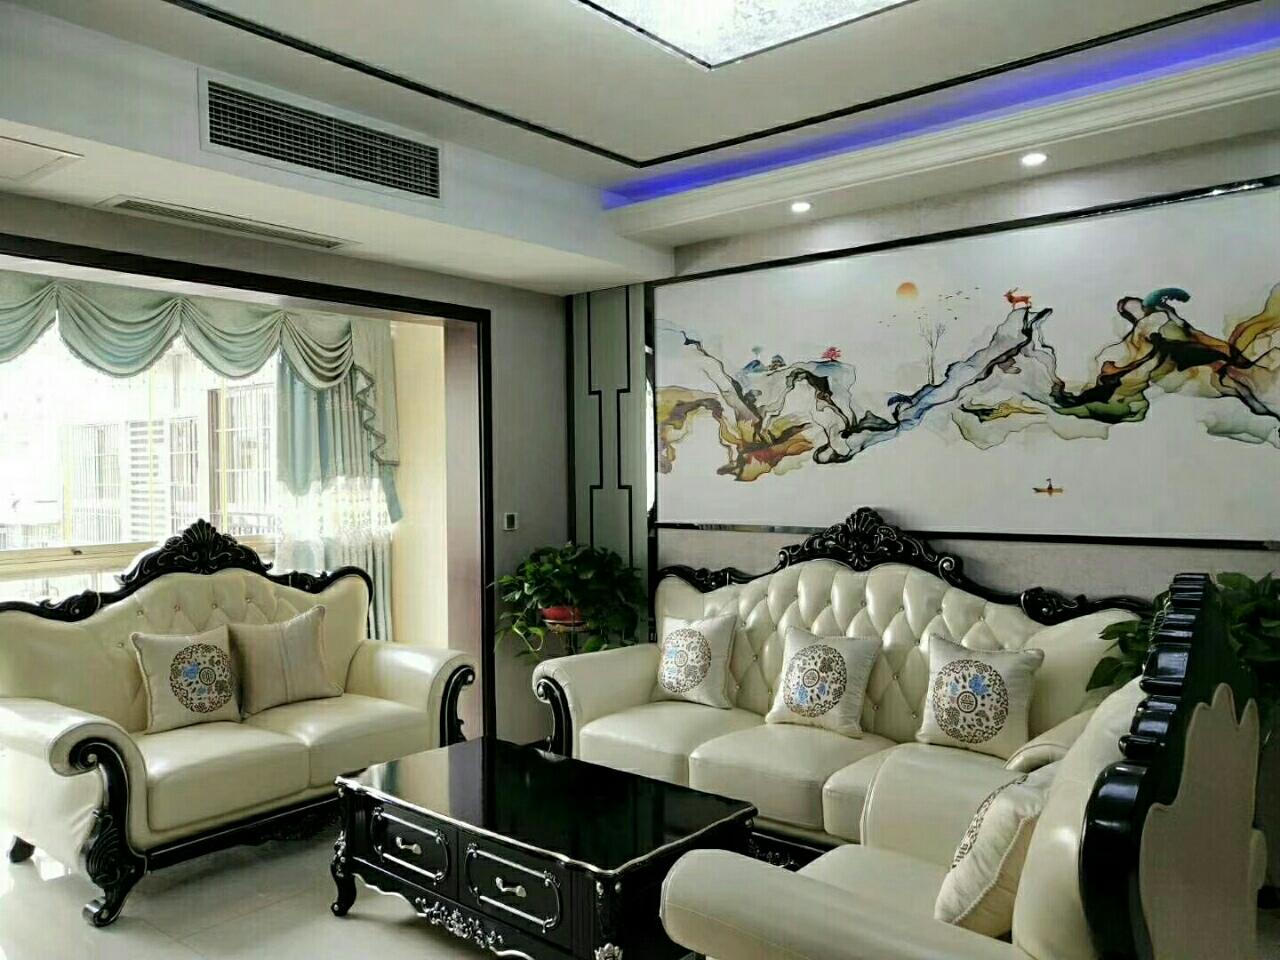 龙湖丽都电梯房出售,经典大平层,送超大阳台,一校学4室 2厅 2卫118万元